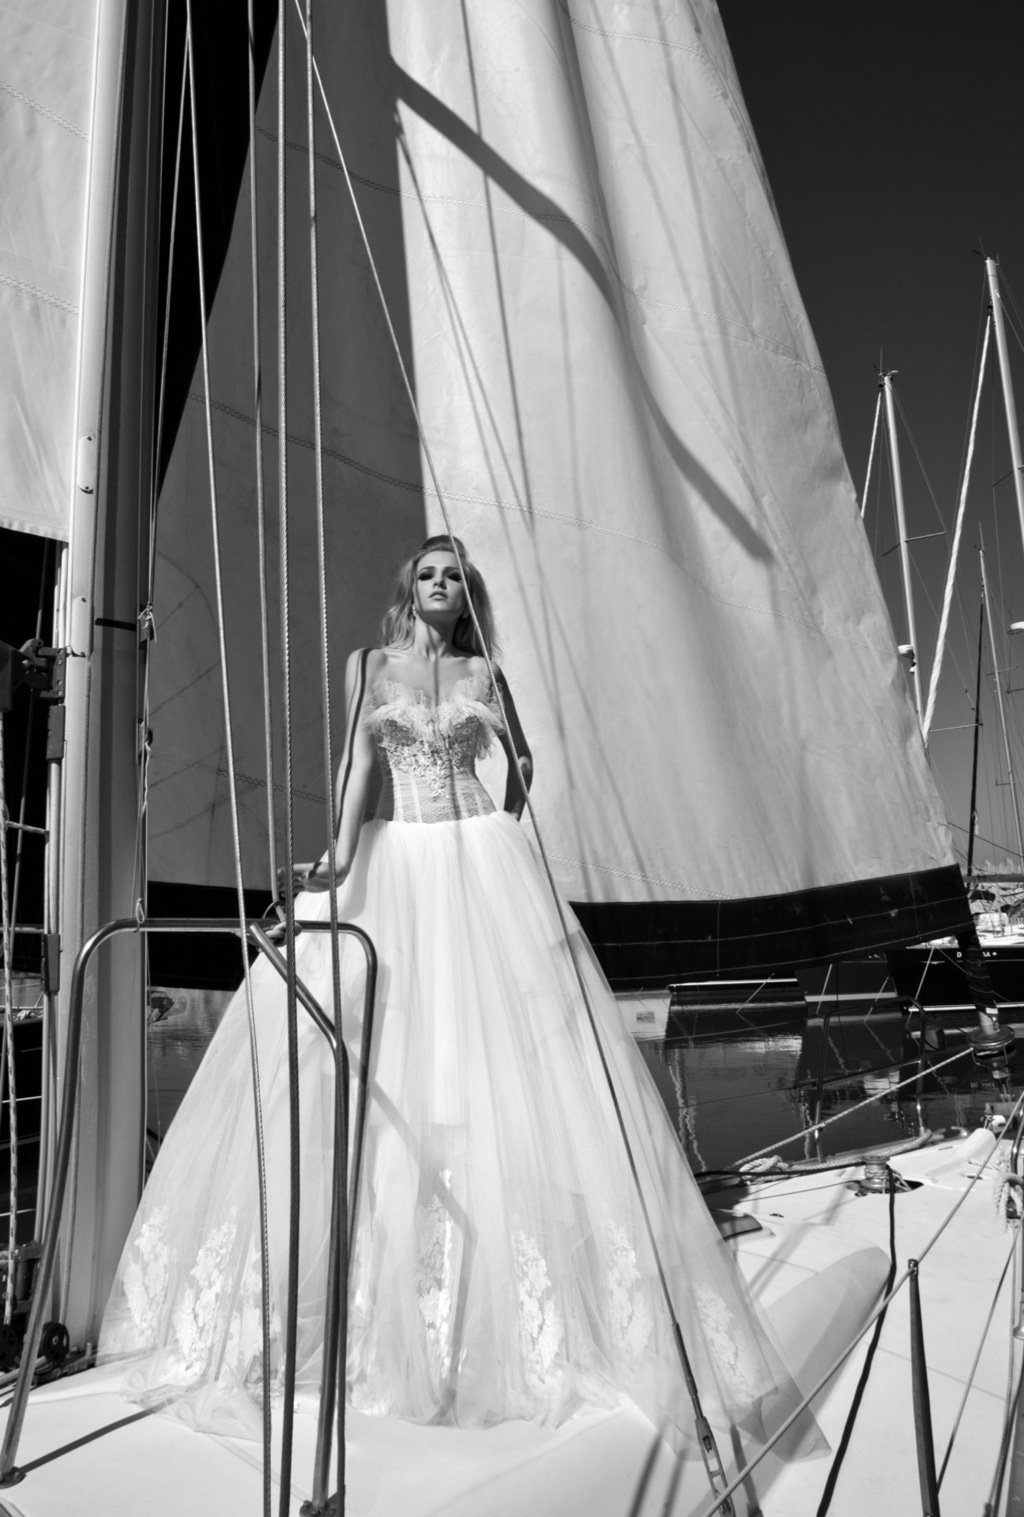 2013-wedding-dress-galia-lahav-bridal-bjork.full